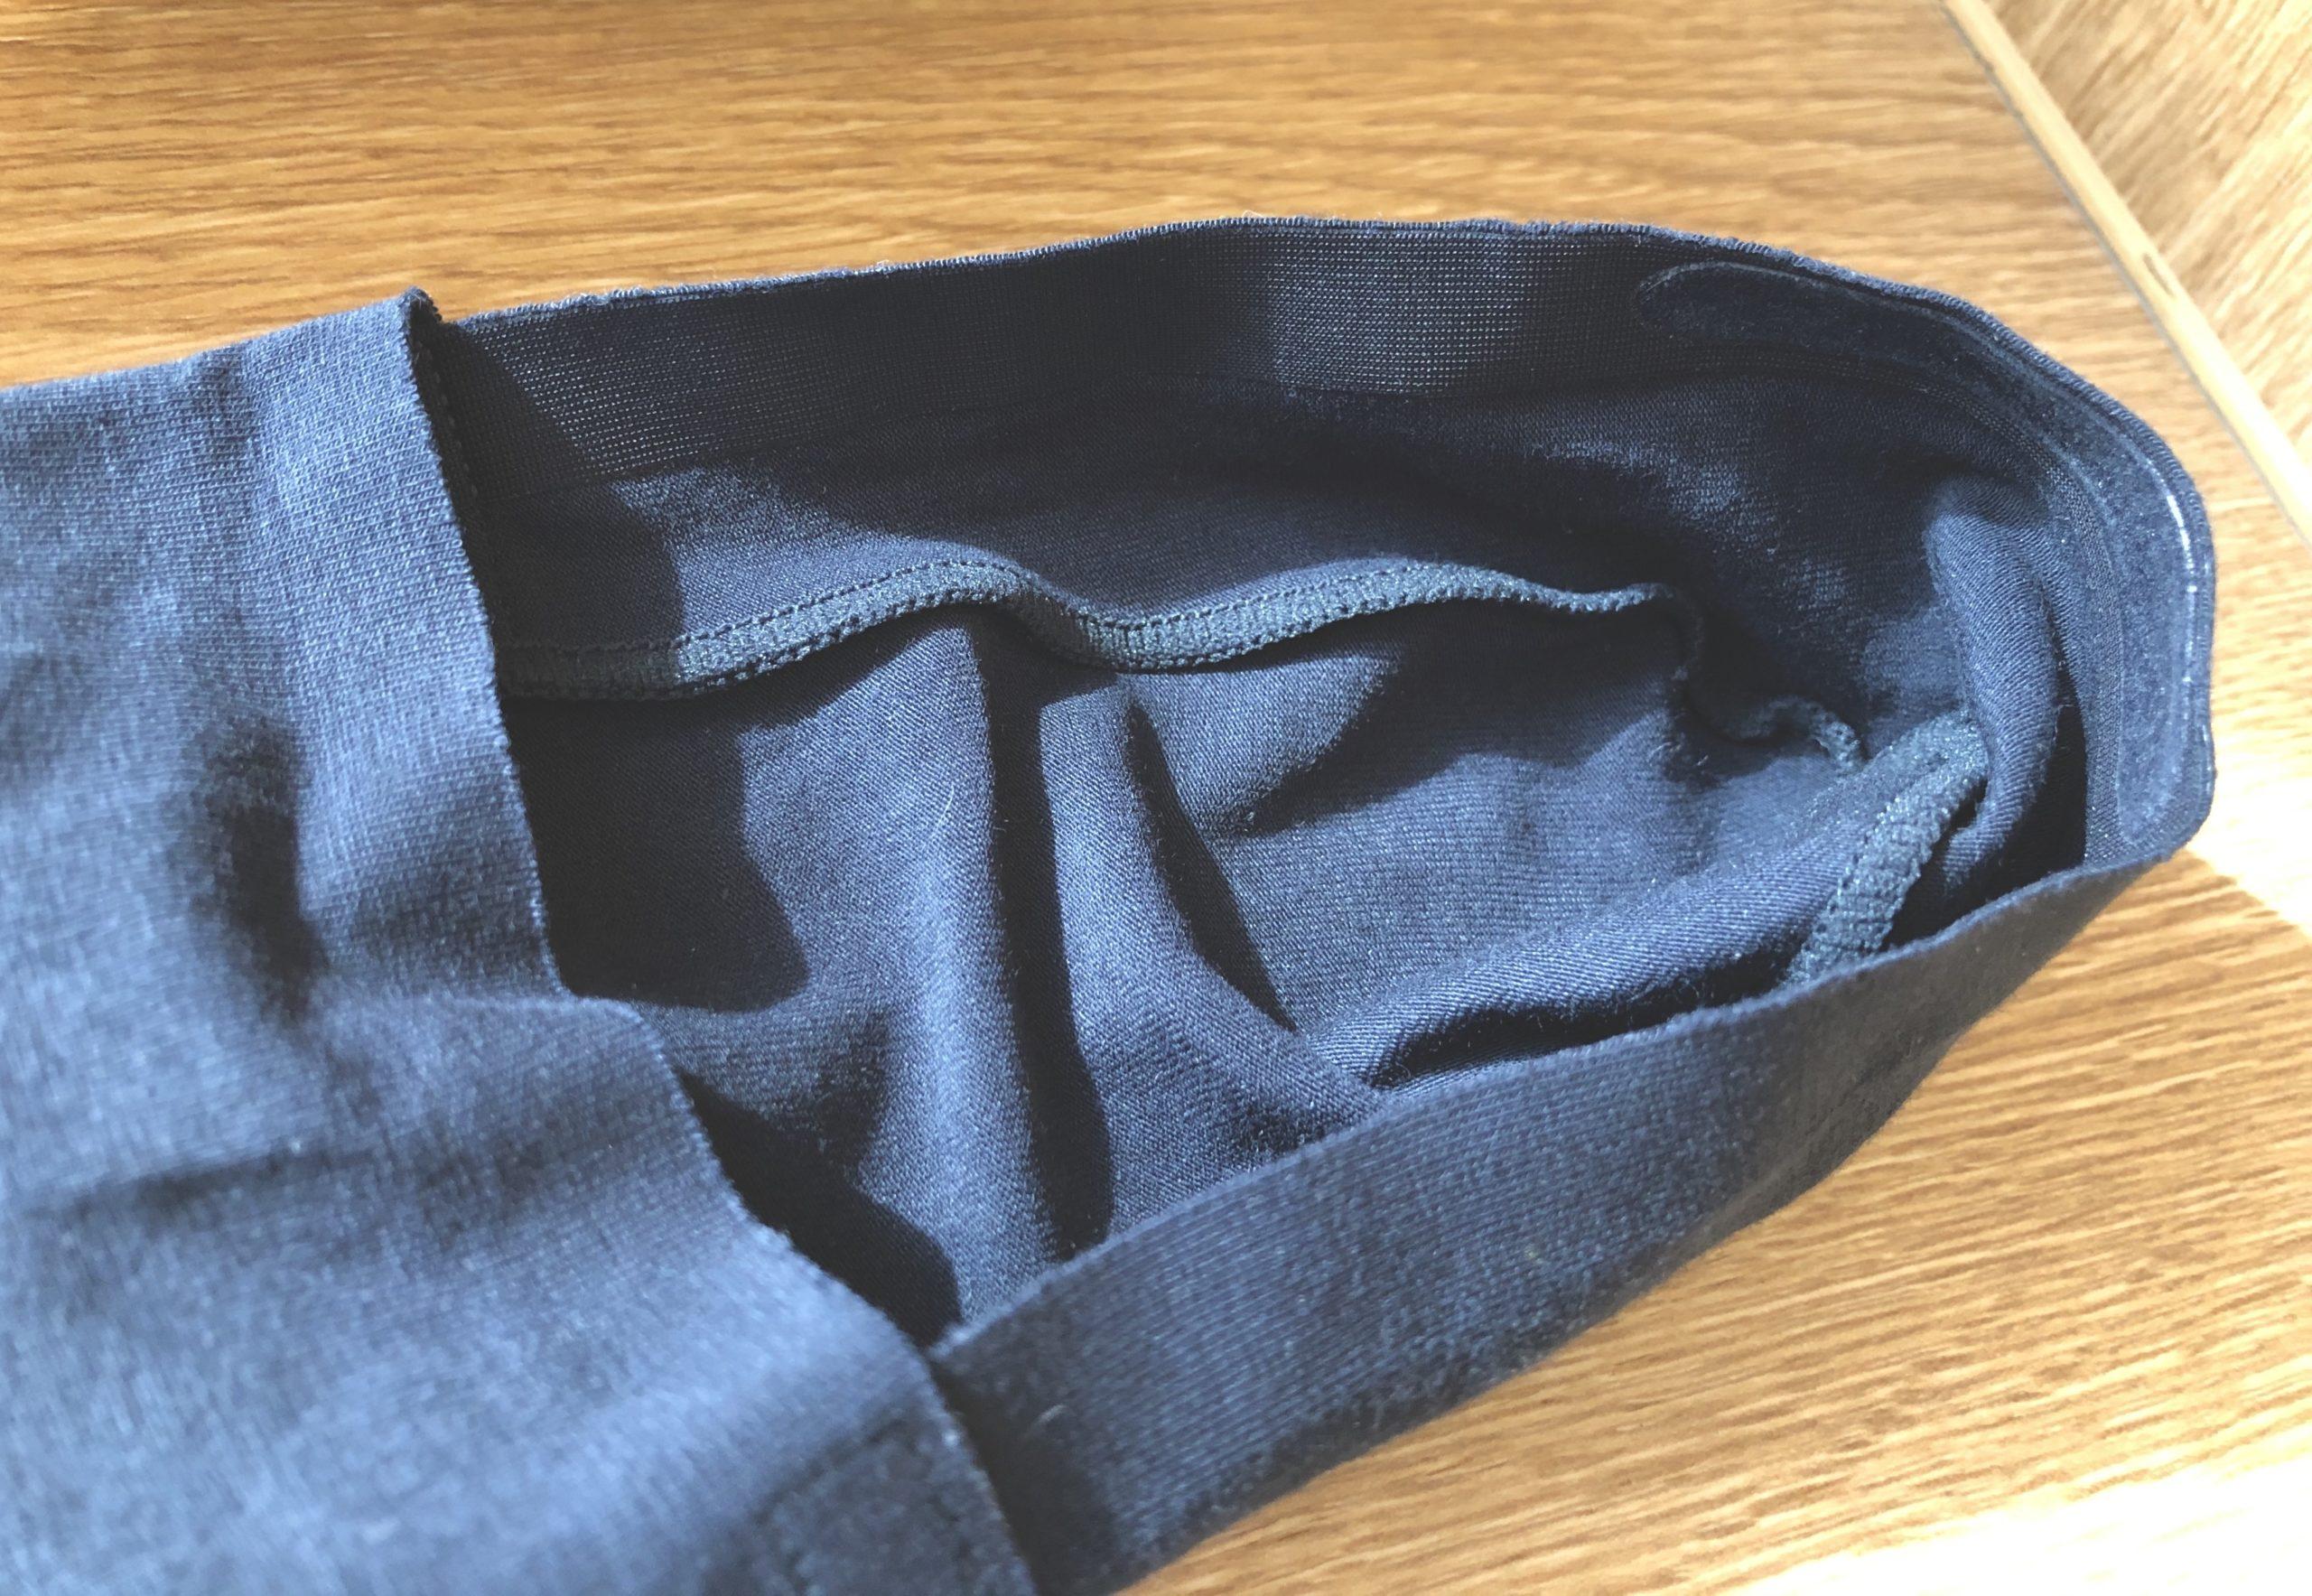 グンゼ・ボディワイルドのフットカバーの深履きのテープ